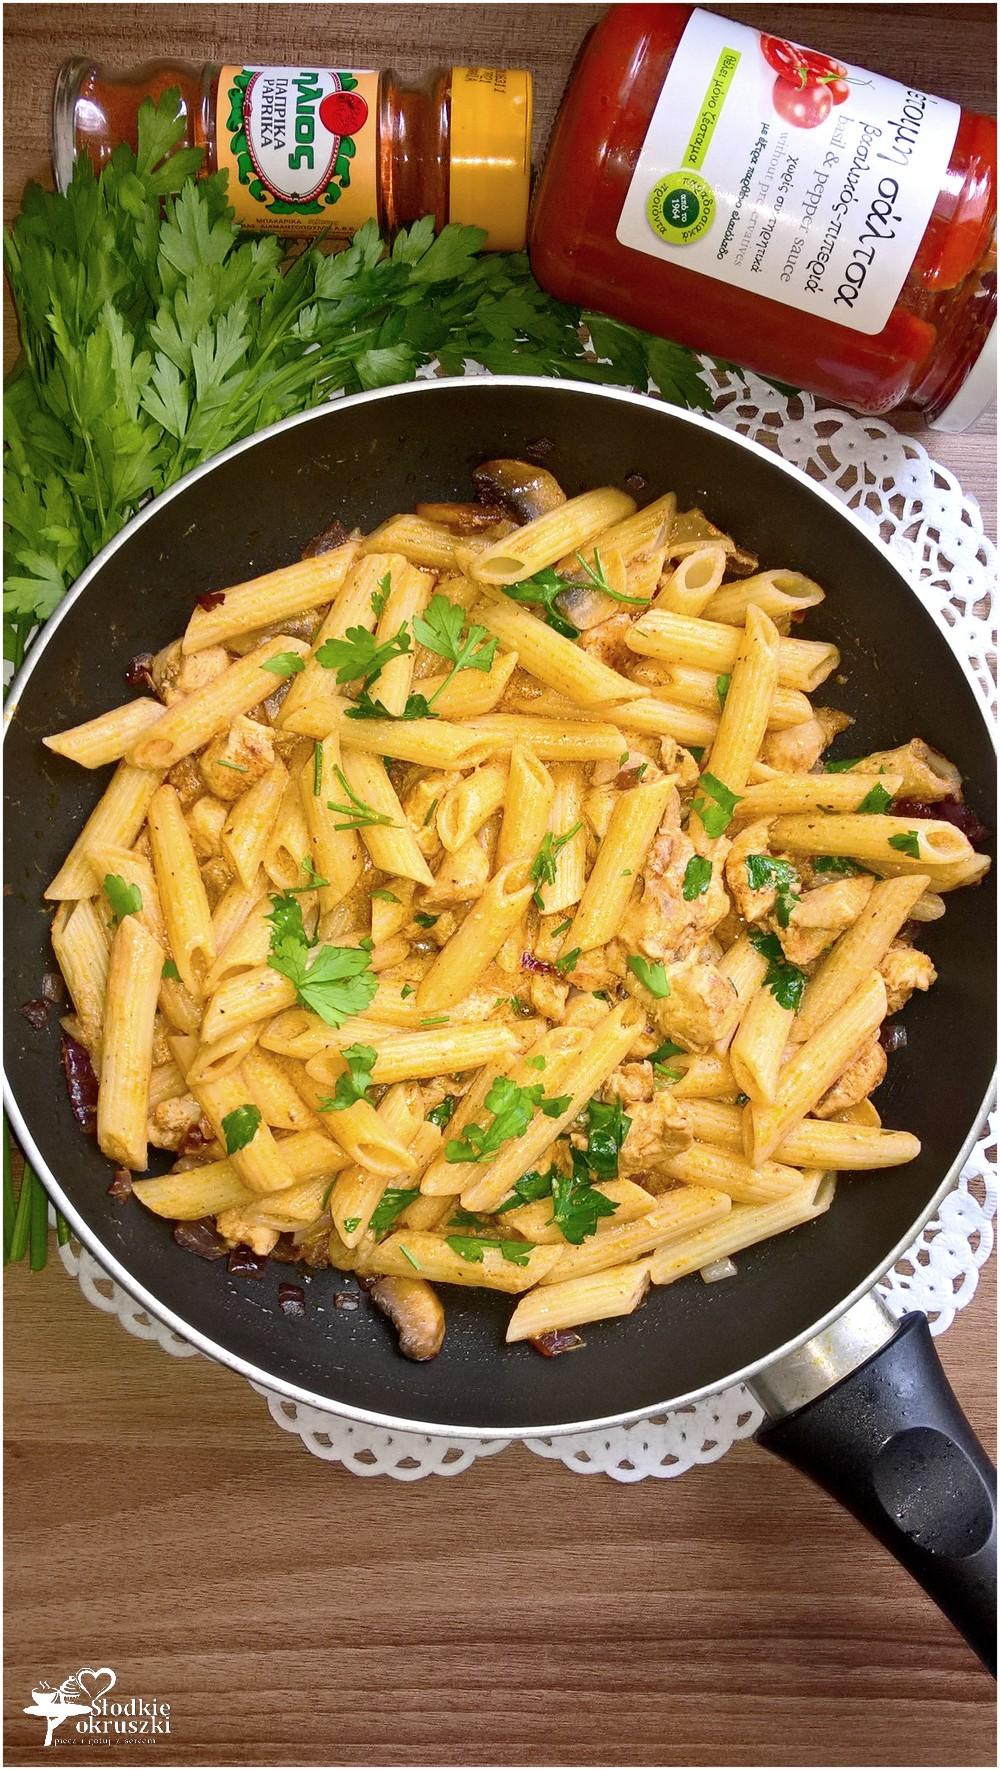 Penne z kurczakiem w sosie śmietanowo-pomidorowym z papryką i bazylią (2)